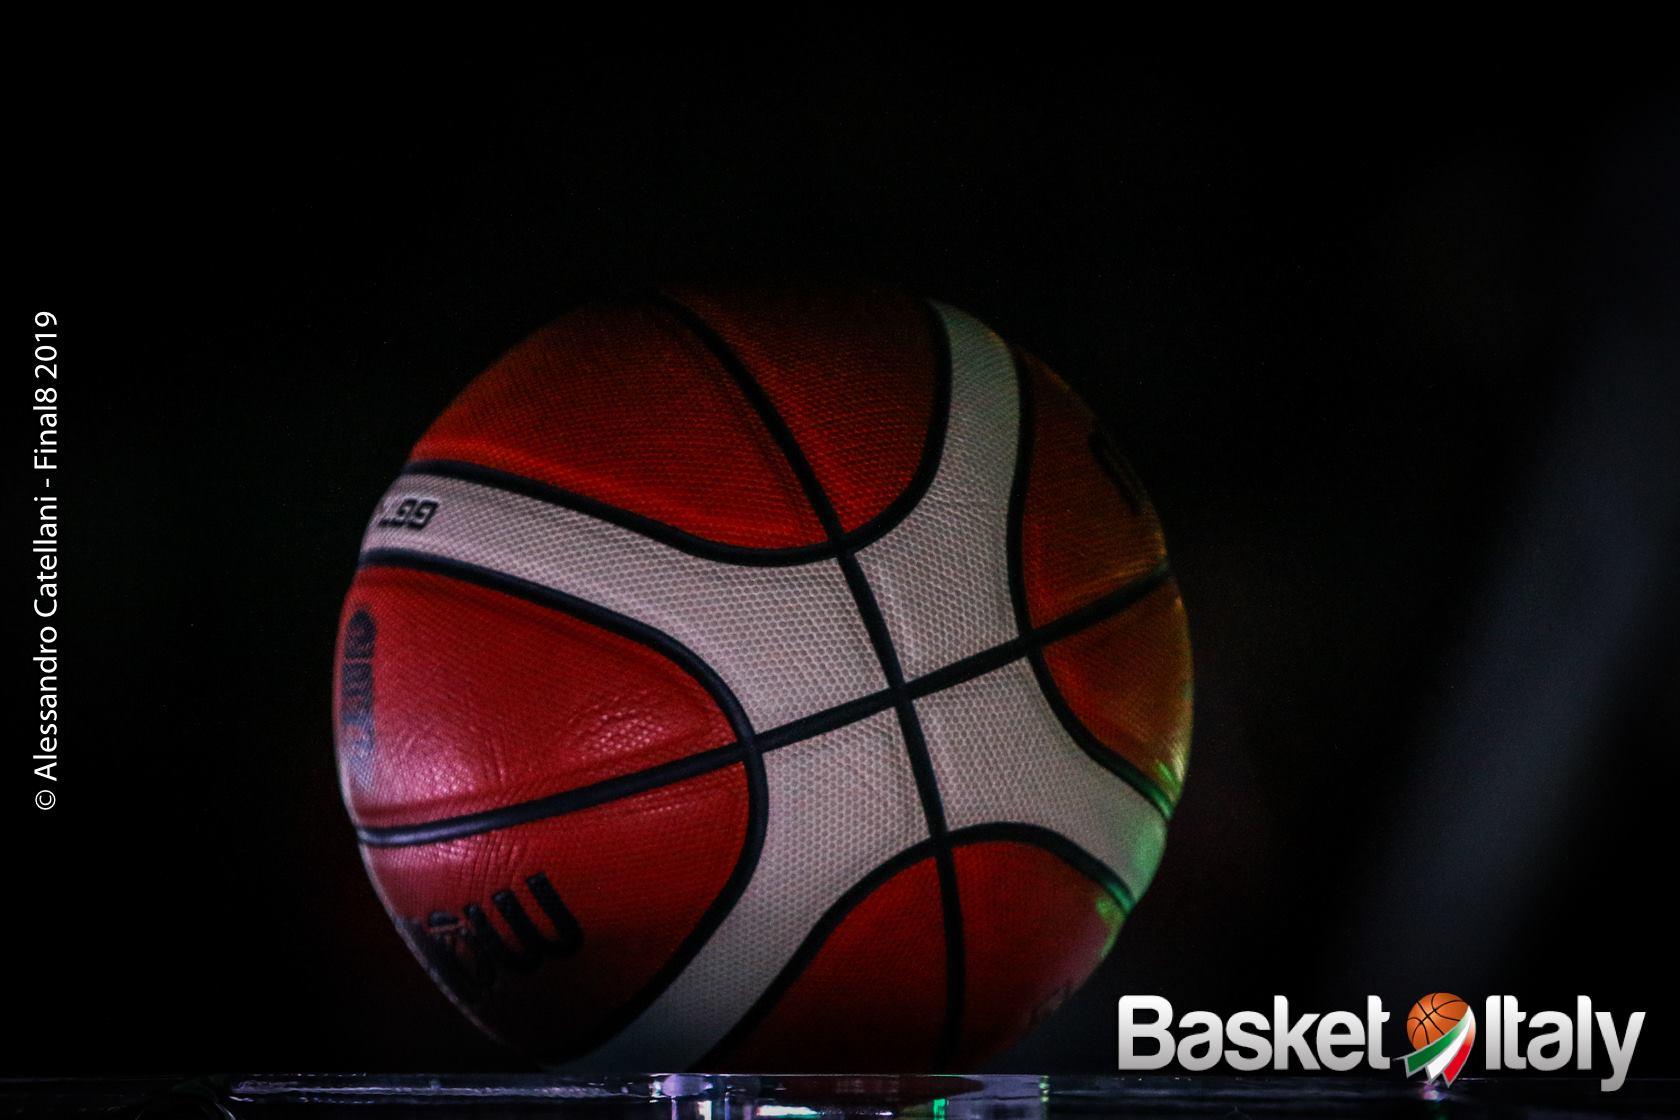 BasketItaly presenta… le Final Eight di Coppa Italia! Sassari prima rivale; Virtus Bologna, c'è da sfatare un tabù lungo quasi vent'anni